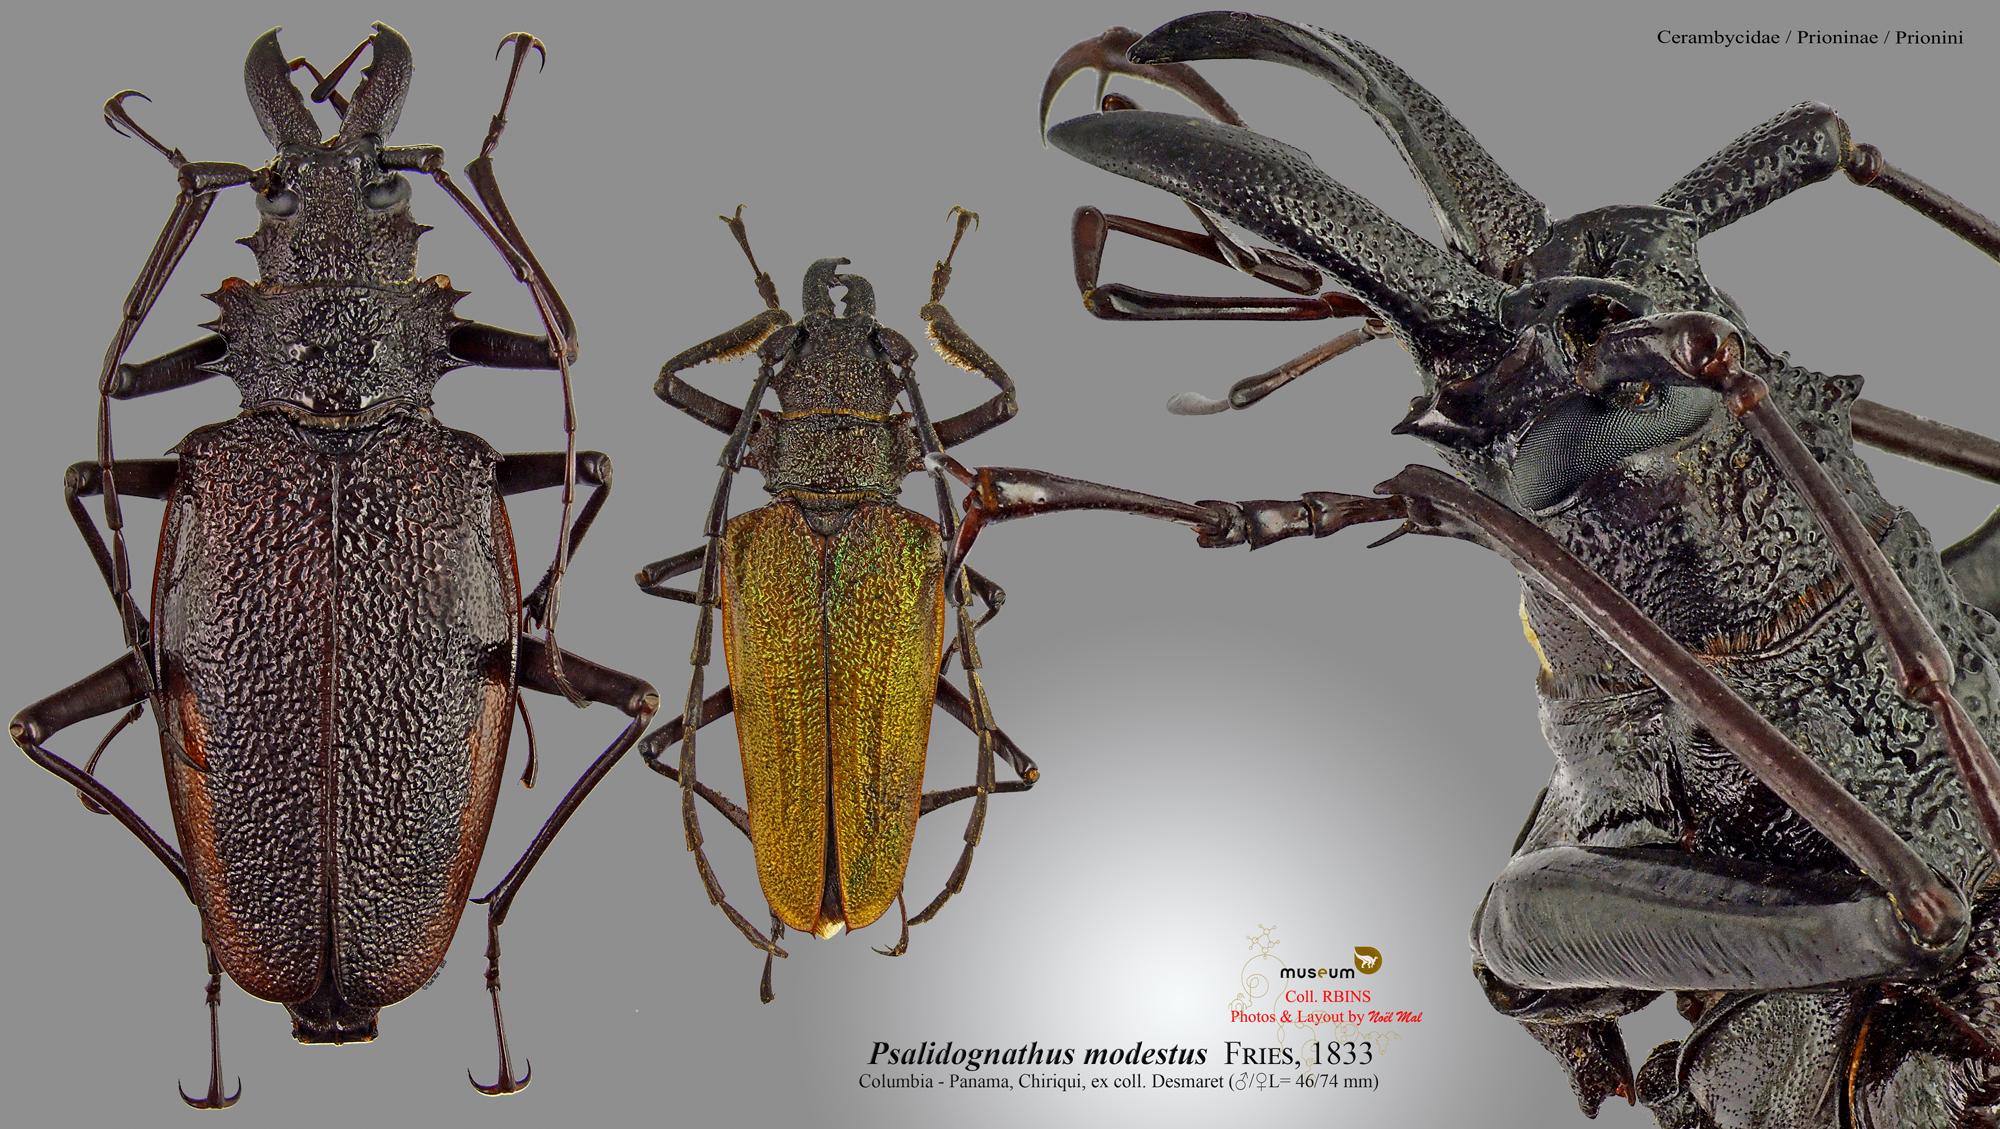 Psalidognathus modestus.jpg